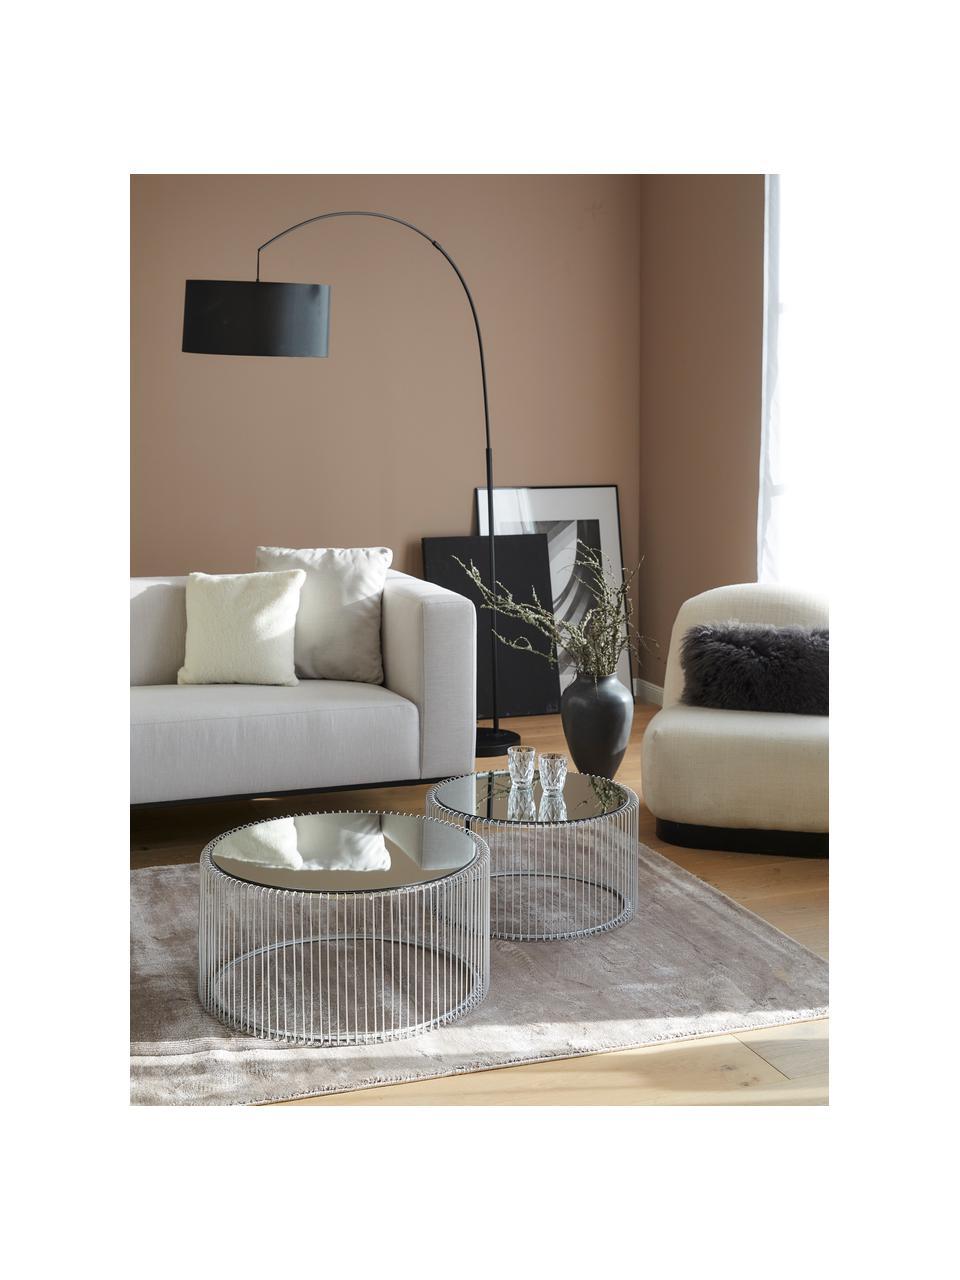 Metall-Couchtisch 2er-Set Wire mit Glasplatte, Gestell: Metall, pulverbeschichtet, Tischplatte: Sicherheitsglas, foliert, Chrom, Sondergrößen